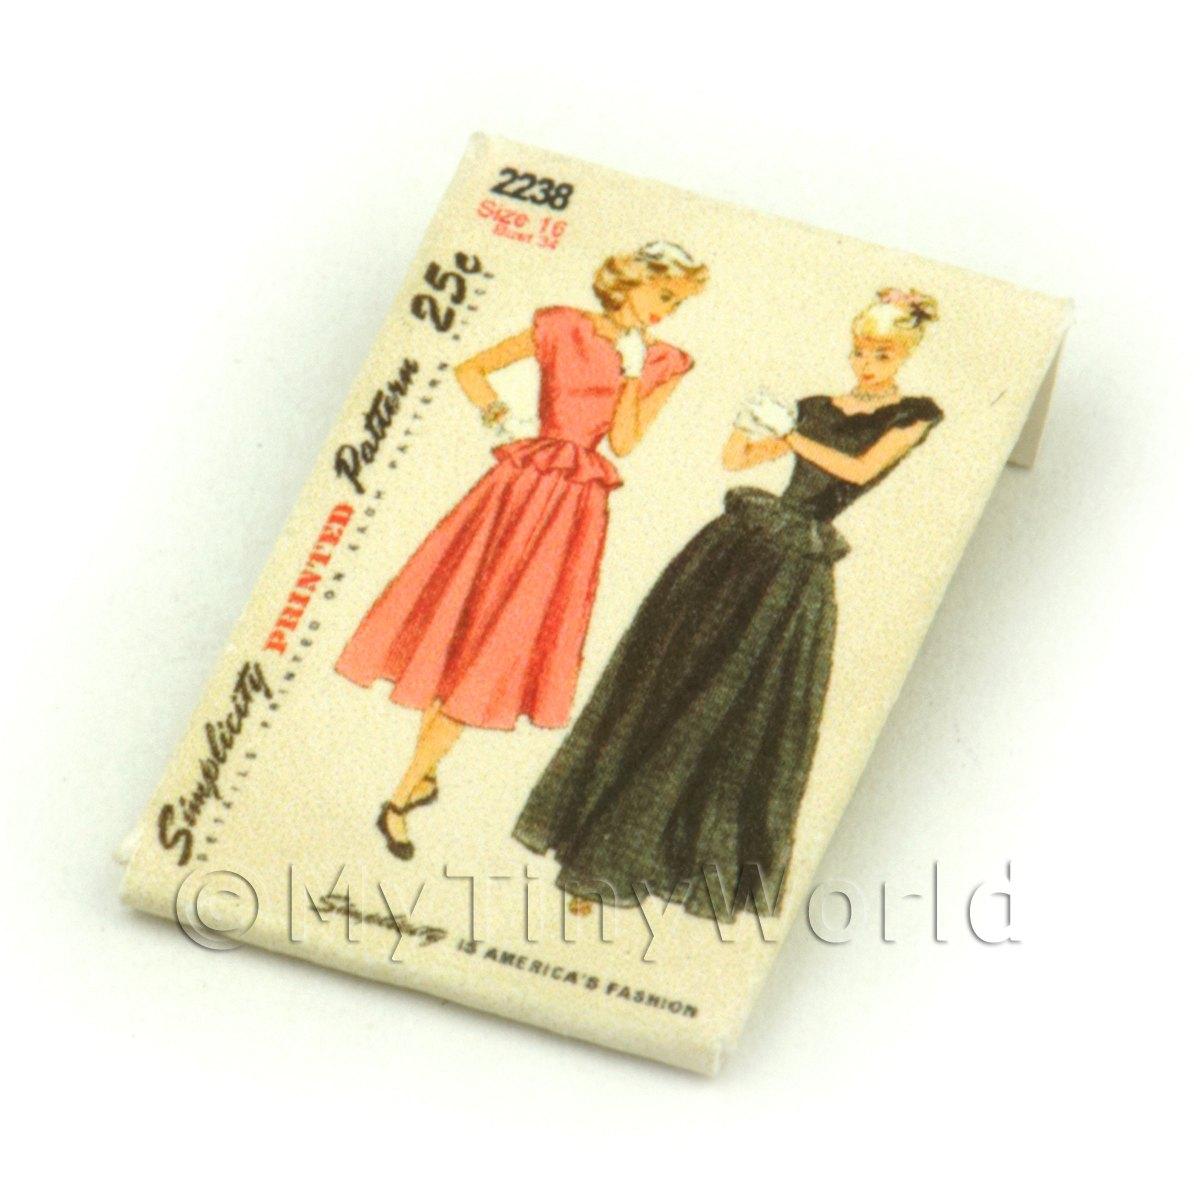 dpp001 Dolls House Miniature Simplicity Dress Pattern Packet